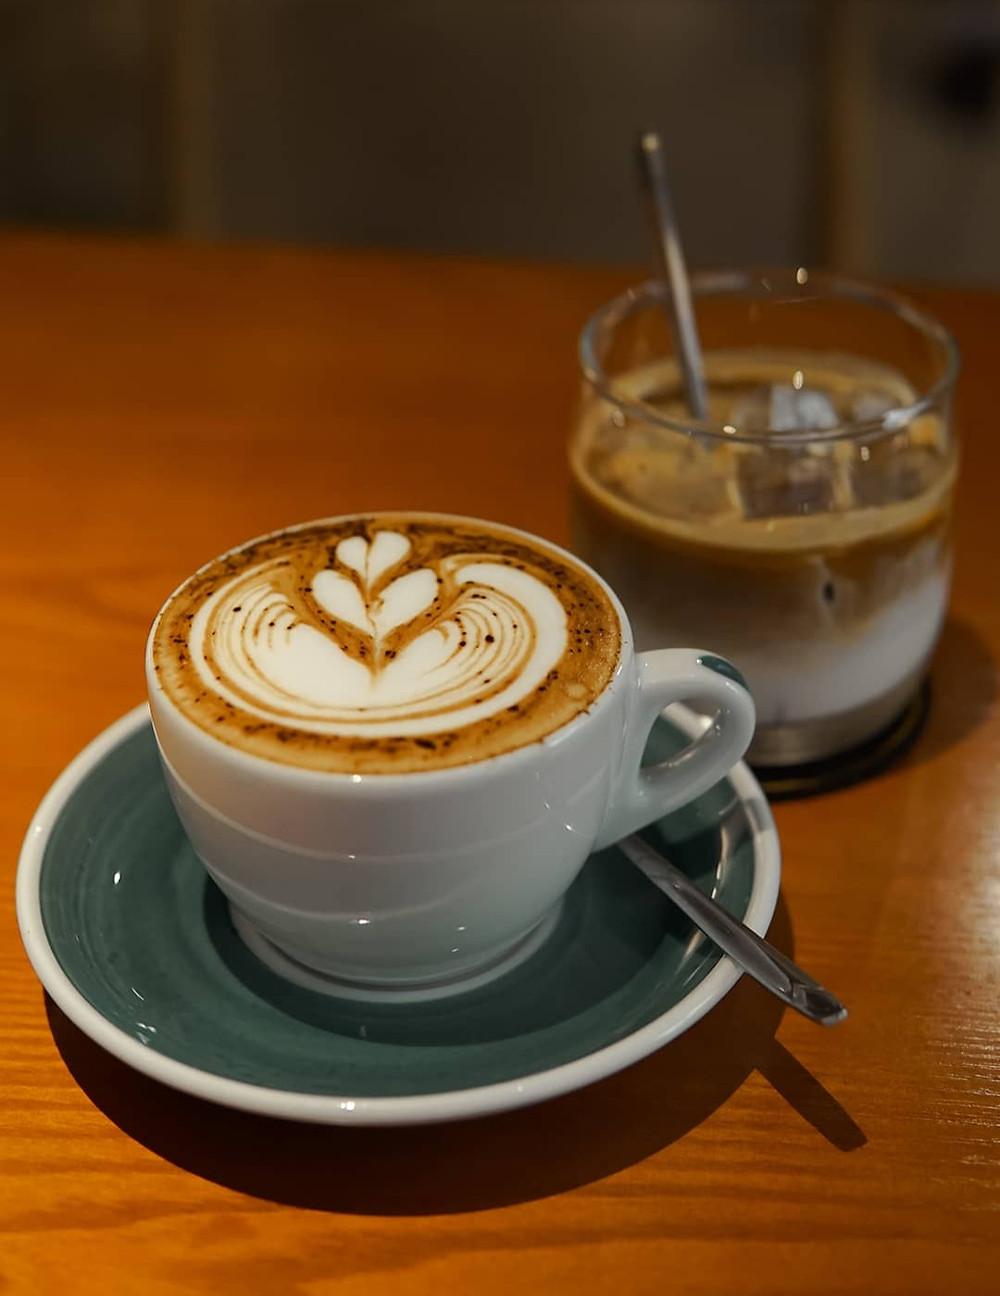 cốc cà phê Mocha và bạc xỉu